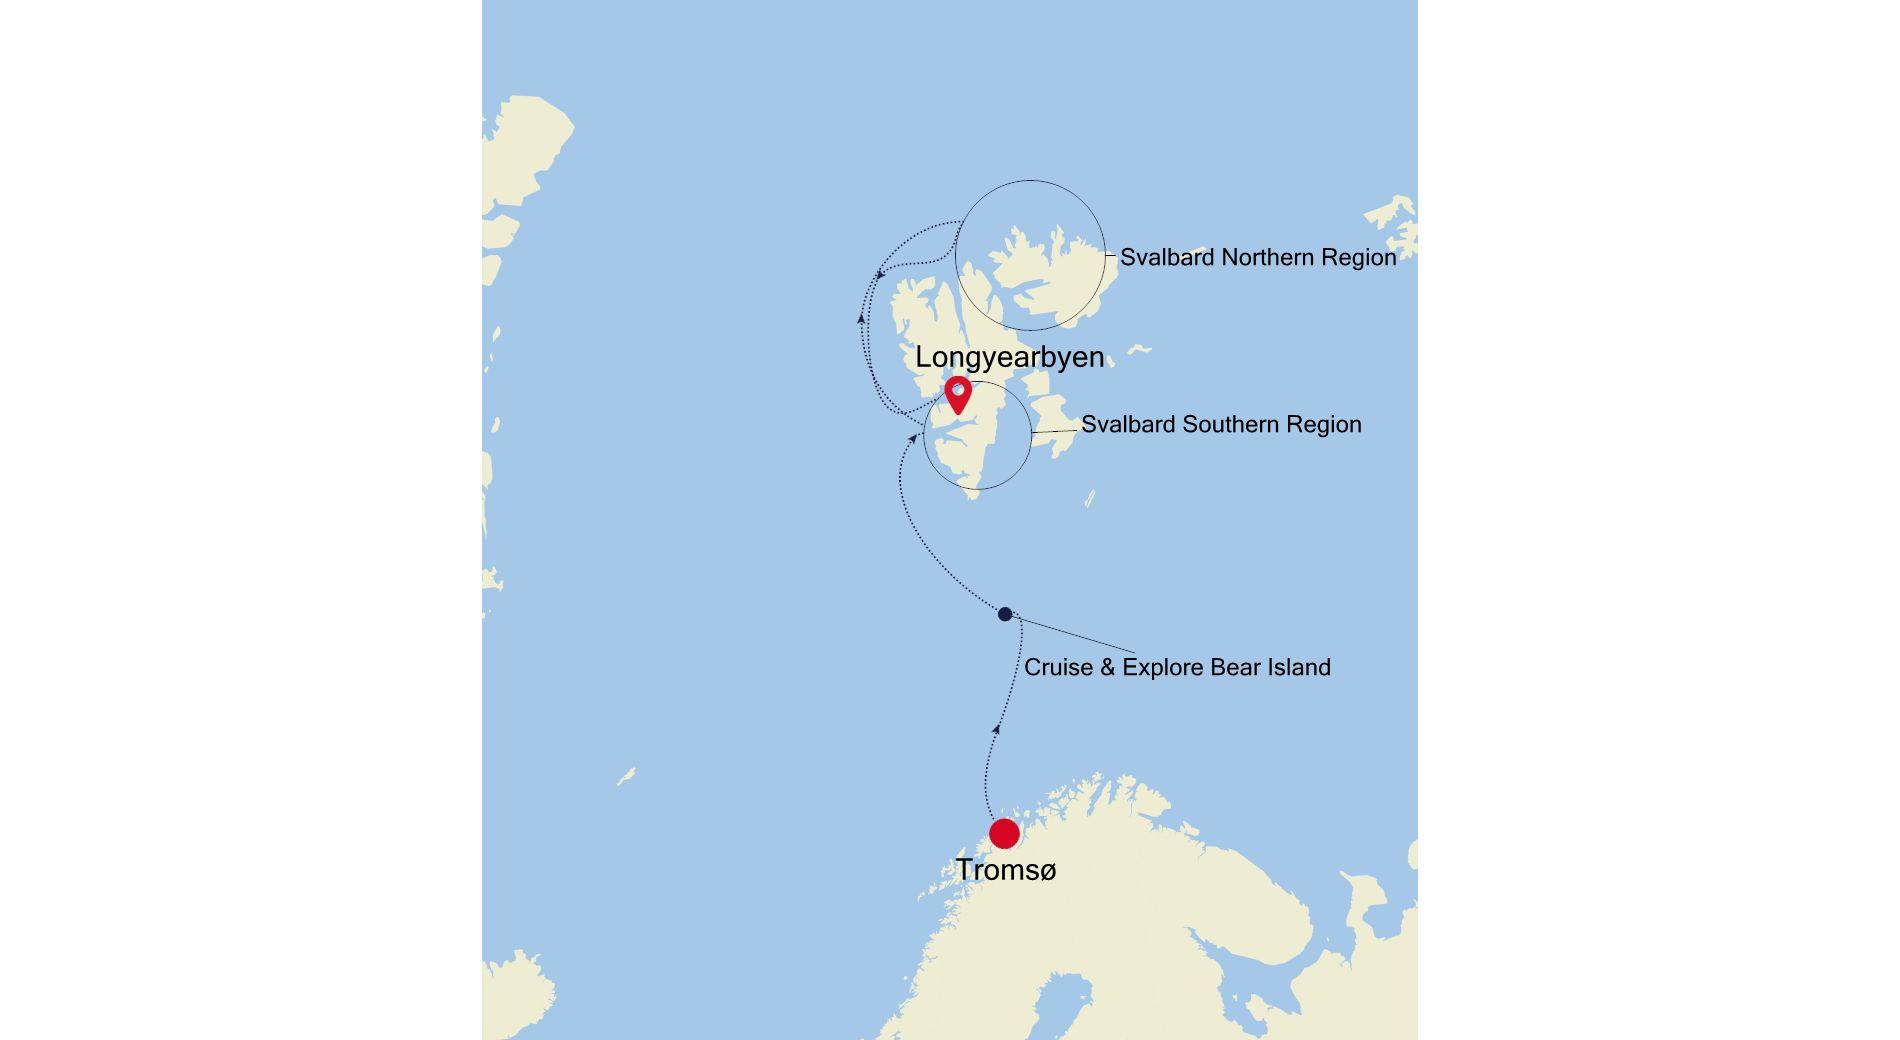 E4200630009 - Tromsø nach Longyearbyen